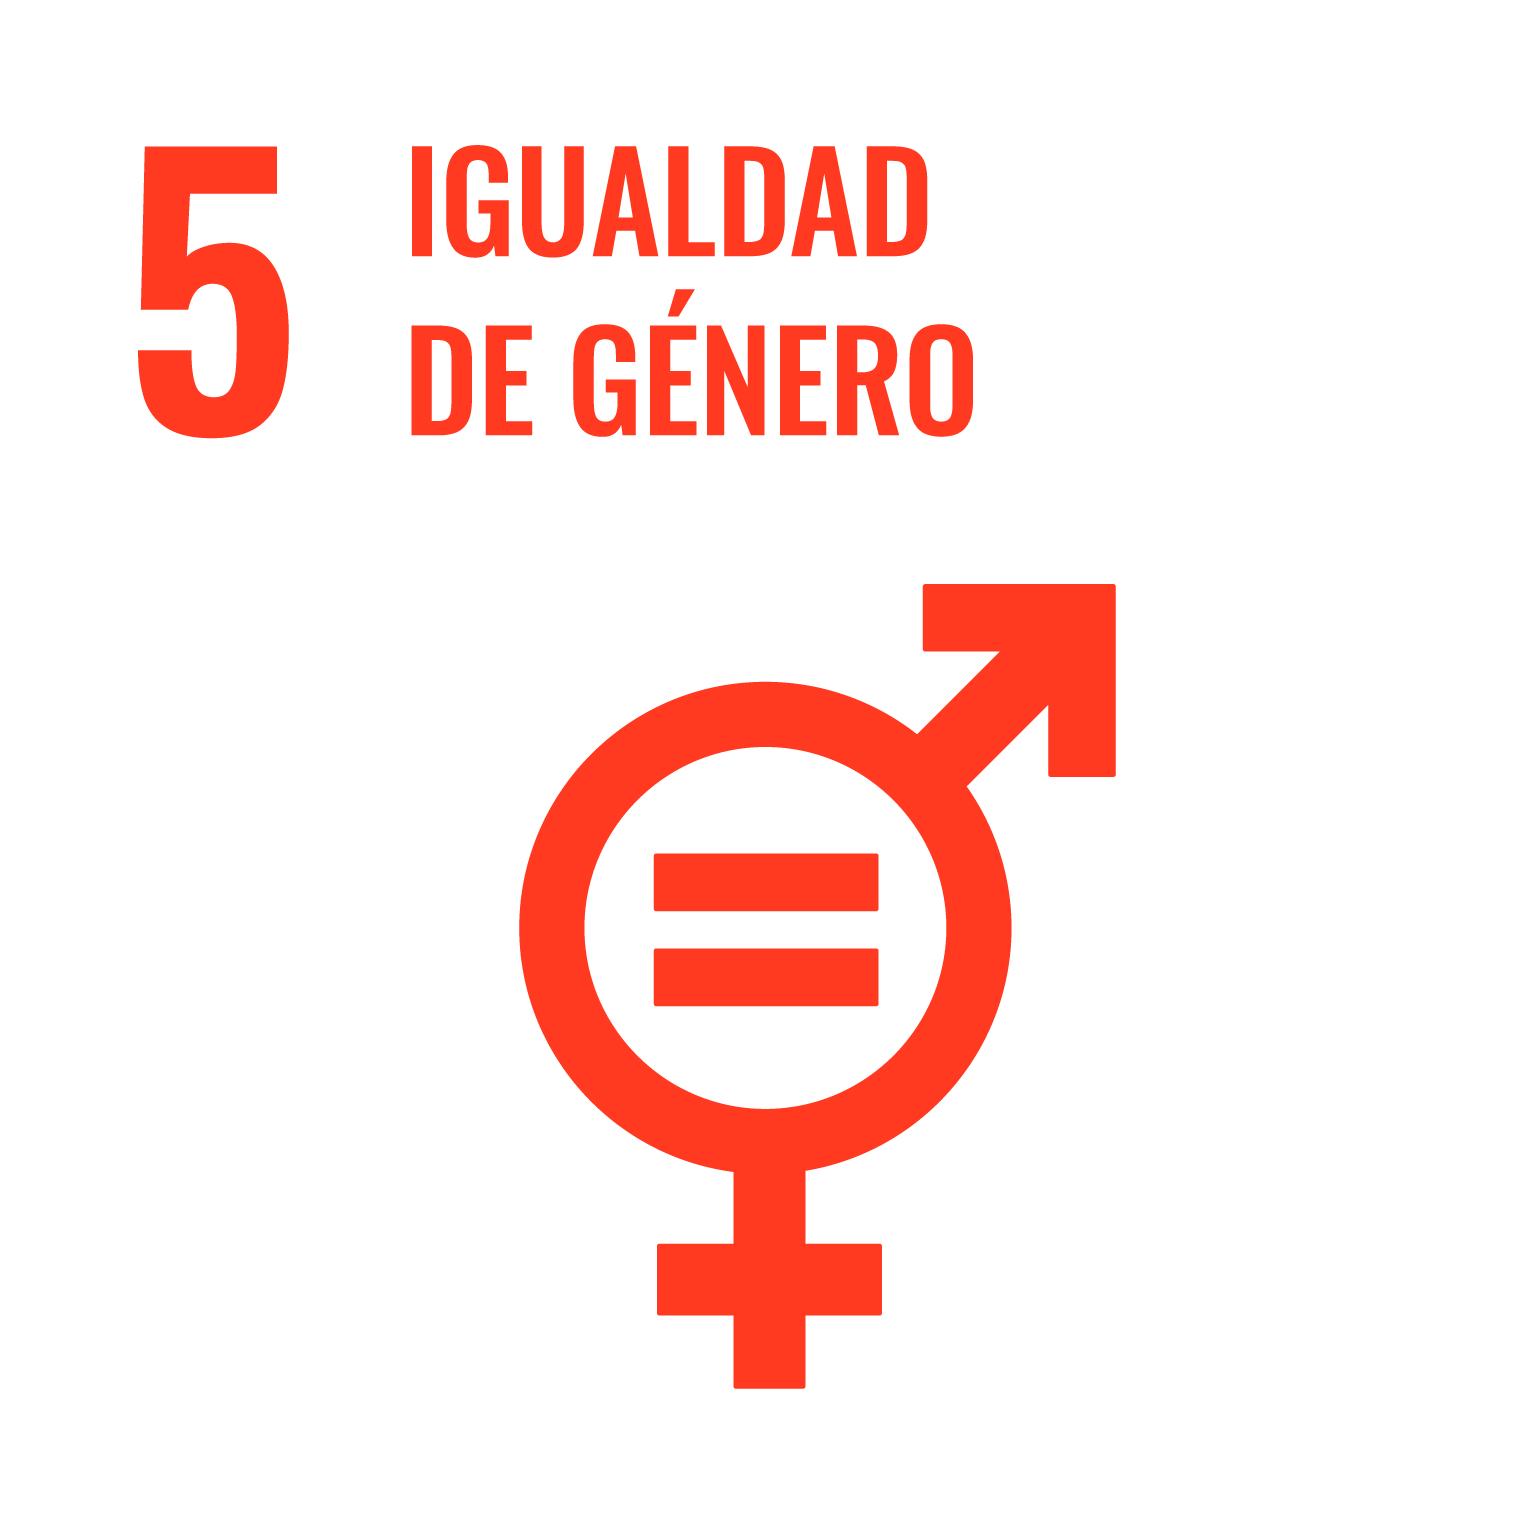 Icono del Objetivo de Desarrollo Sostenible Igualdad de género